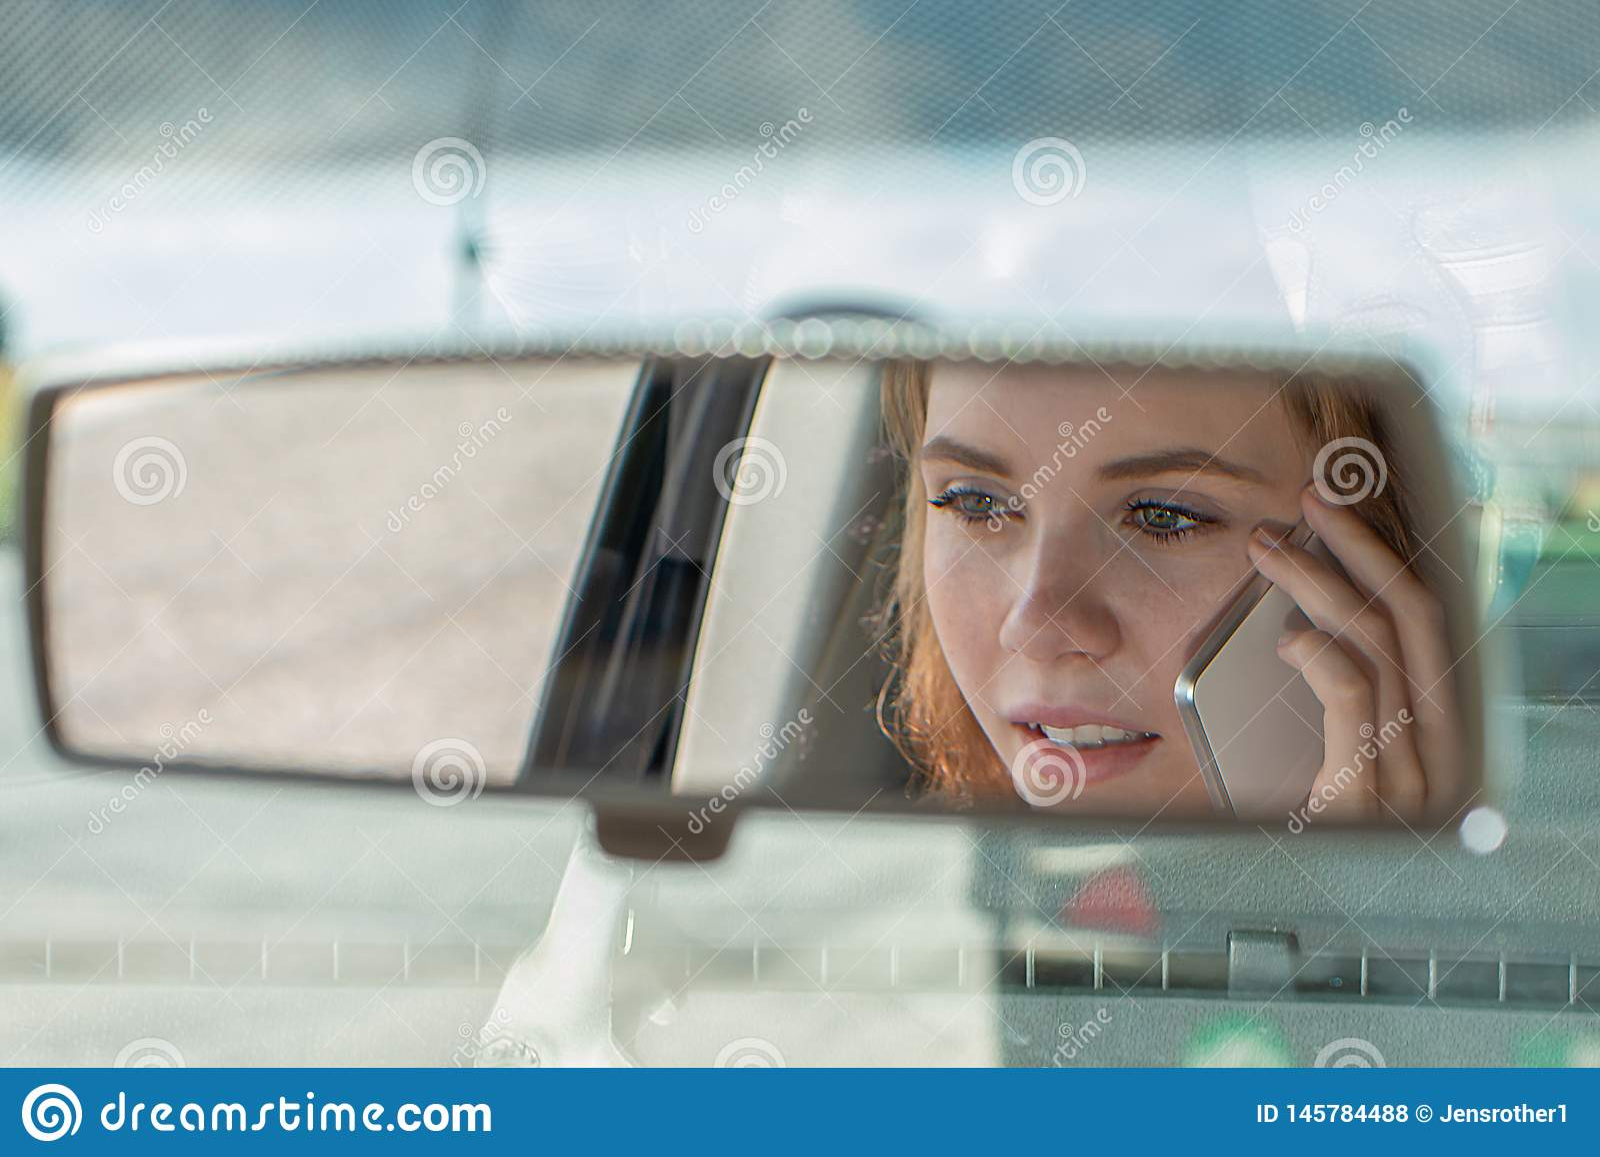 Приводы молодой женщины автомобиль и беседы по телефону